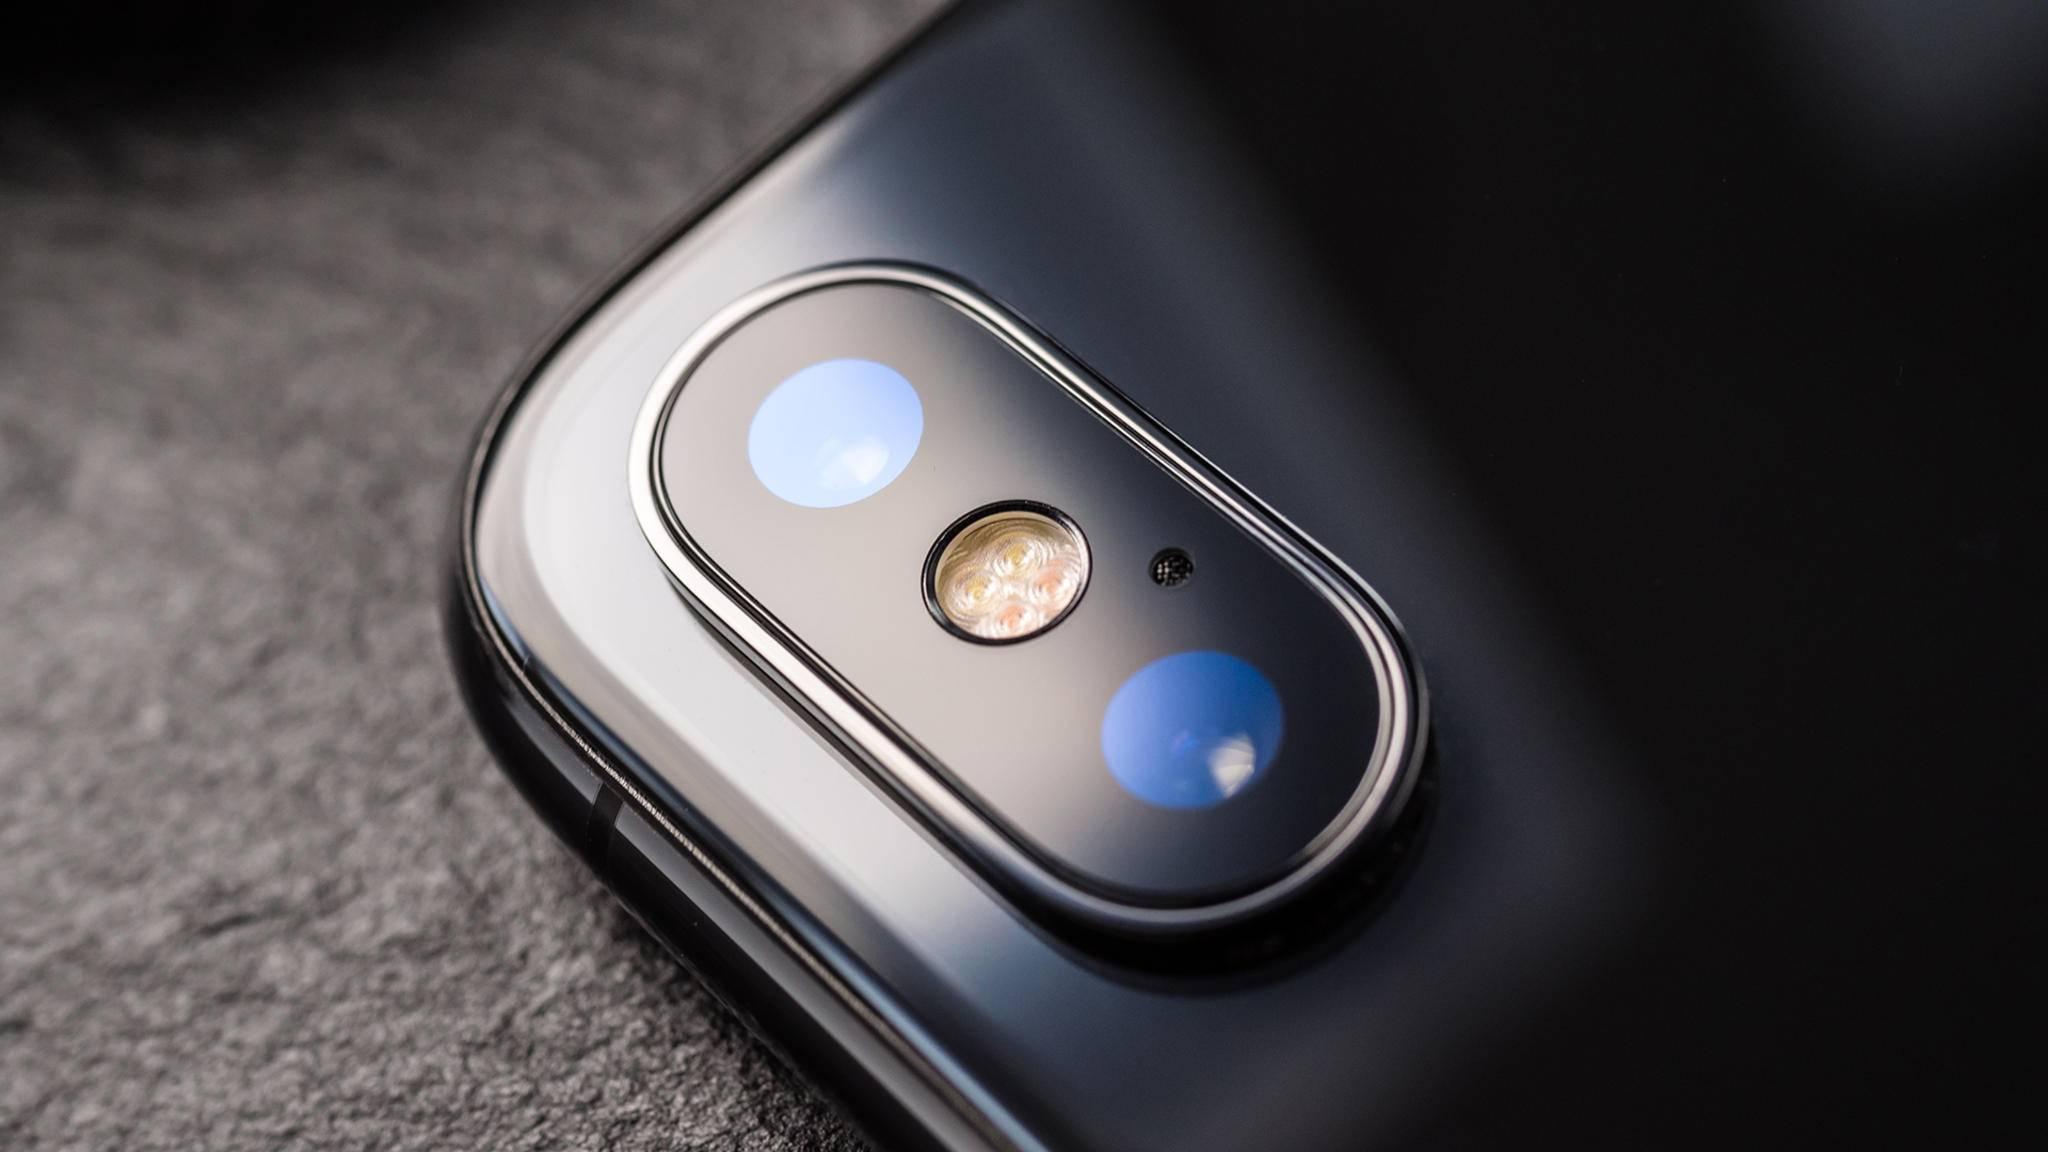 Wird Apple im kommenden Jahr im iPhone noch eine dritte Linse verbauen?